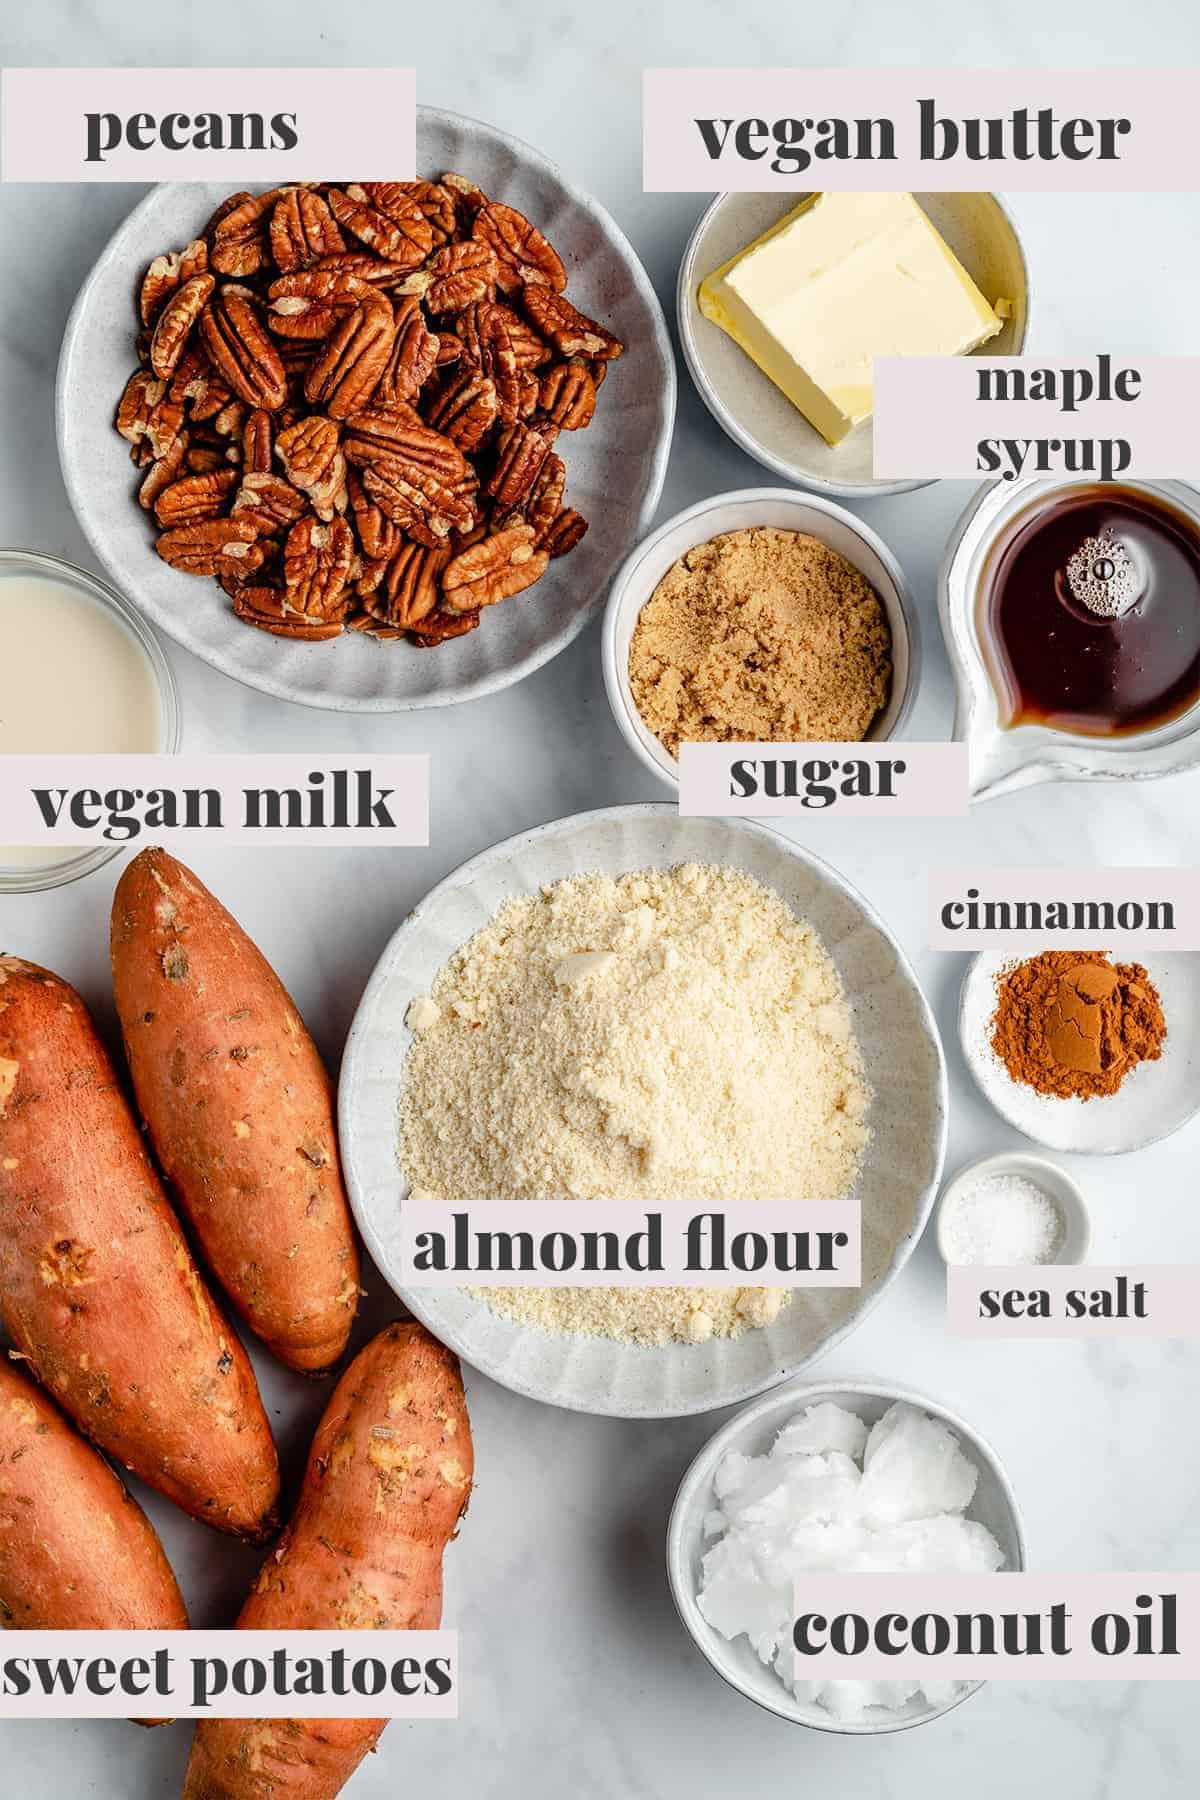 Sweet potato casserole ingredients.